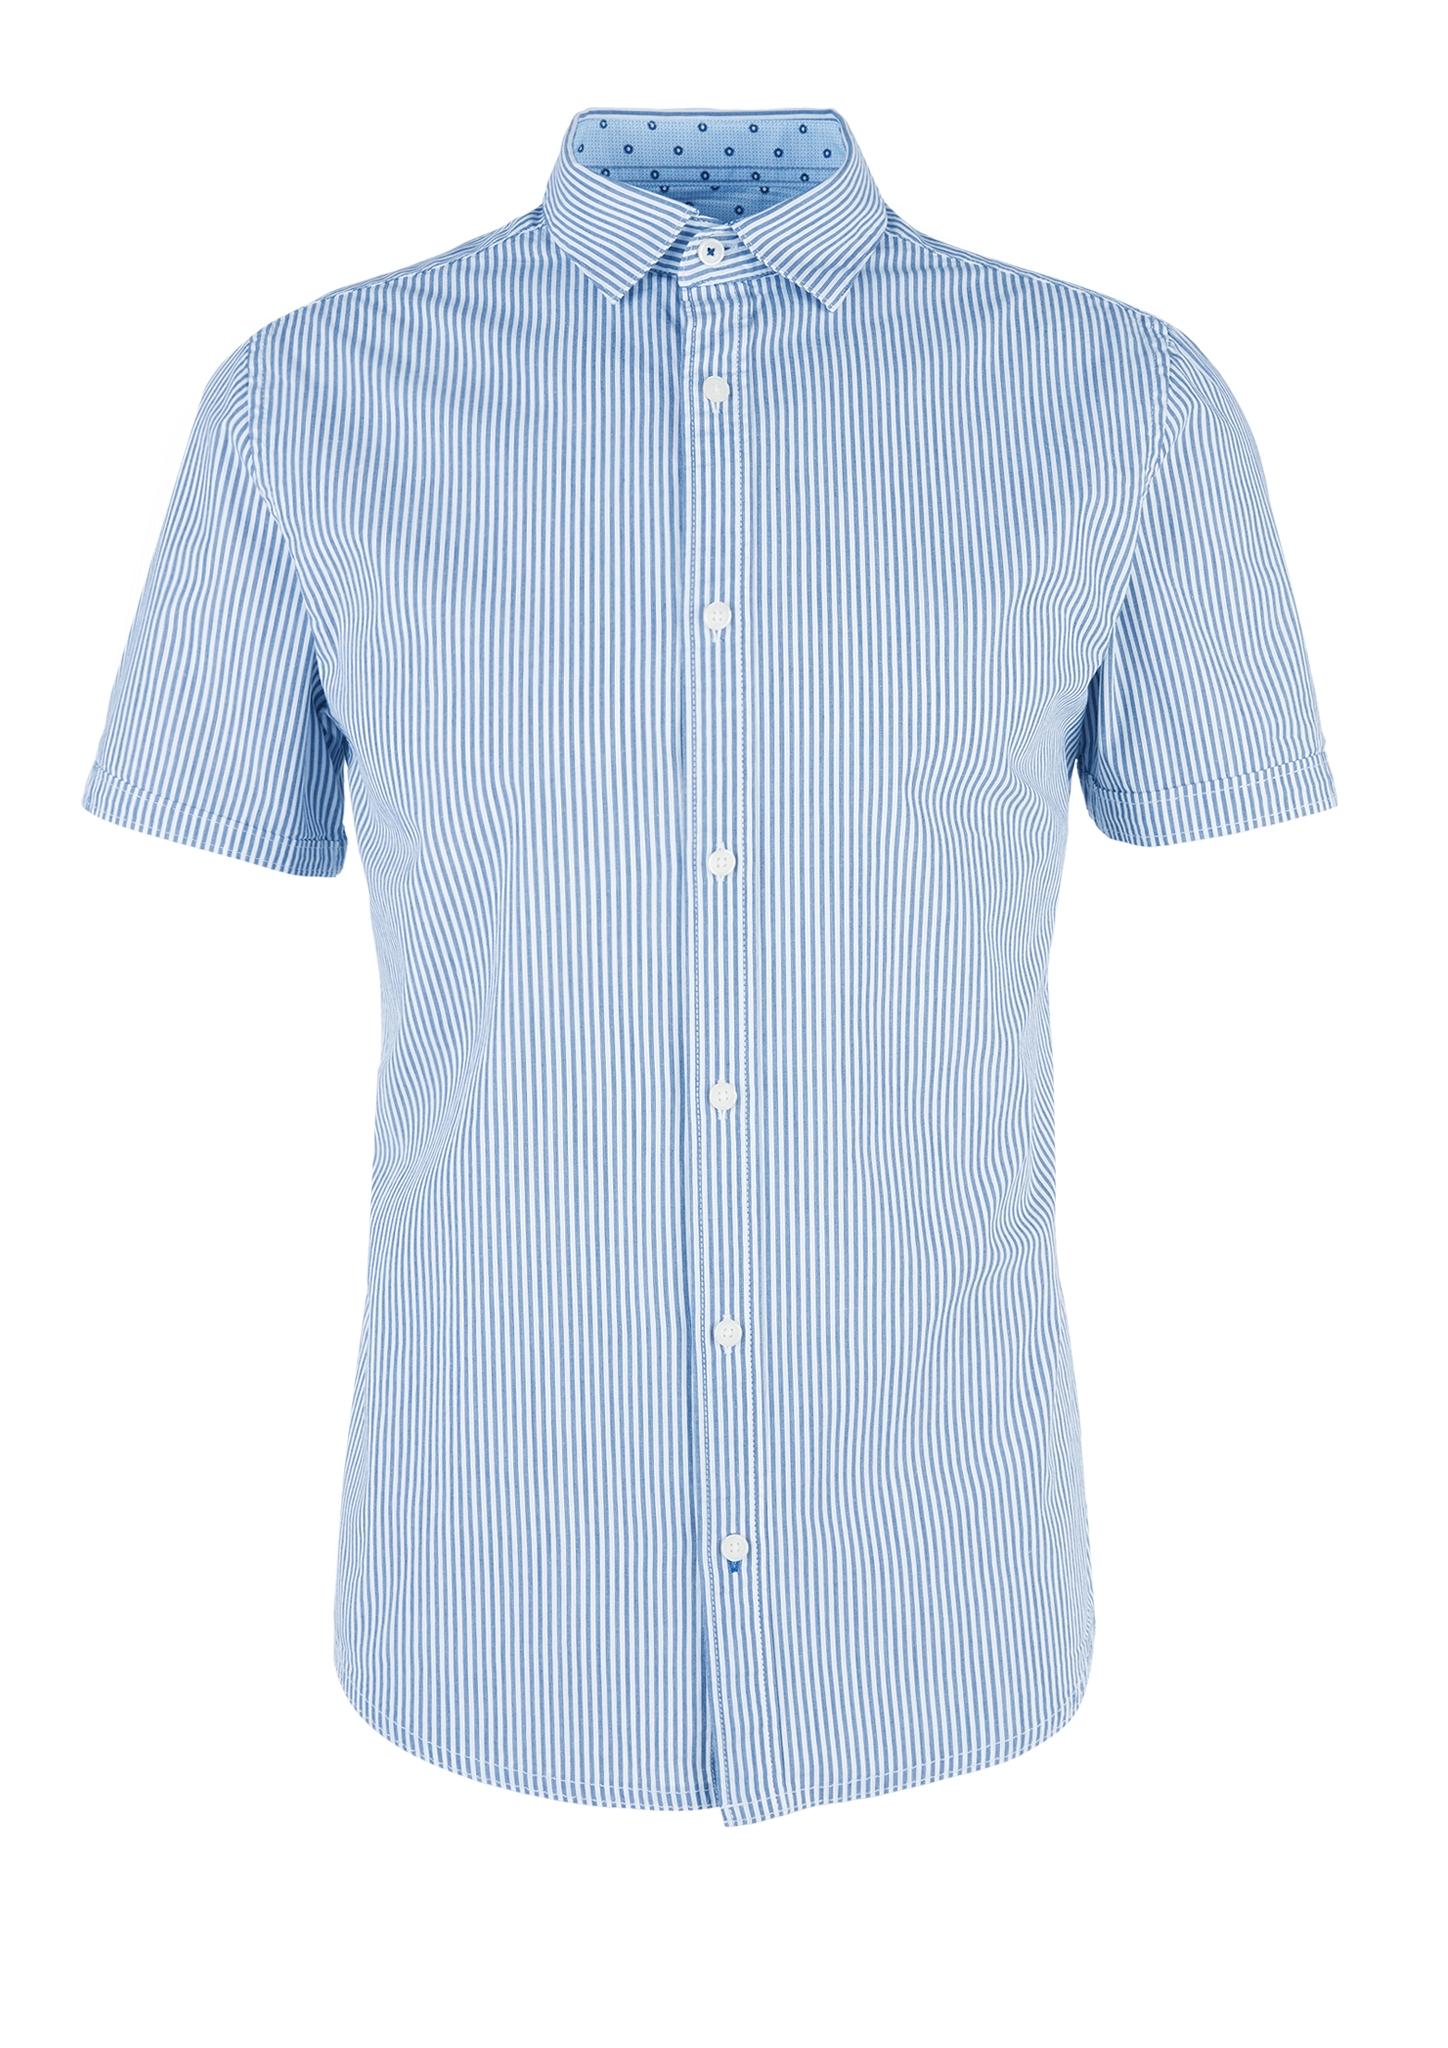 Hemd | Bekleidung > Hemden > Sonstige Hemden | s.Oliver